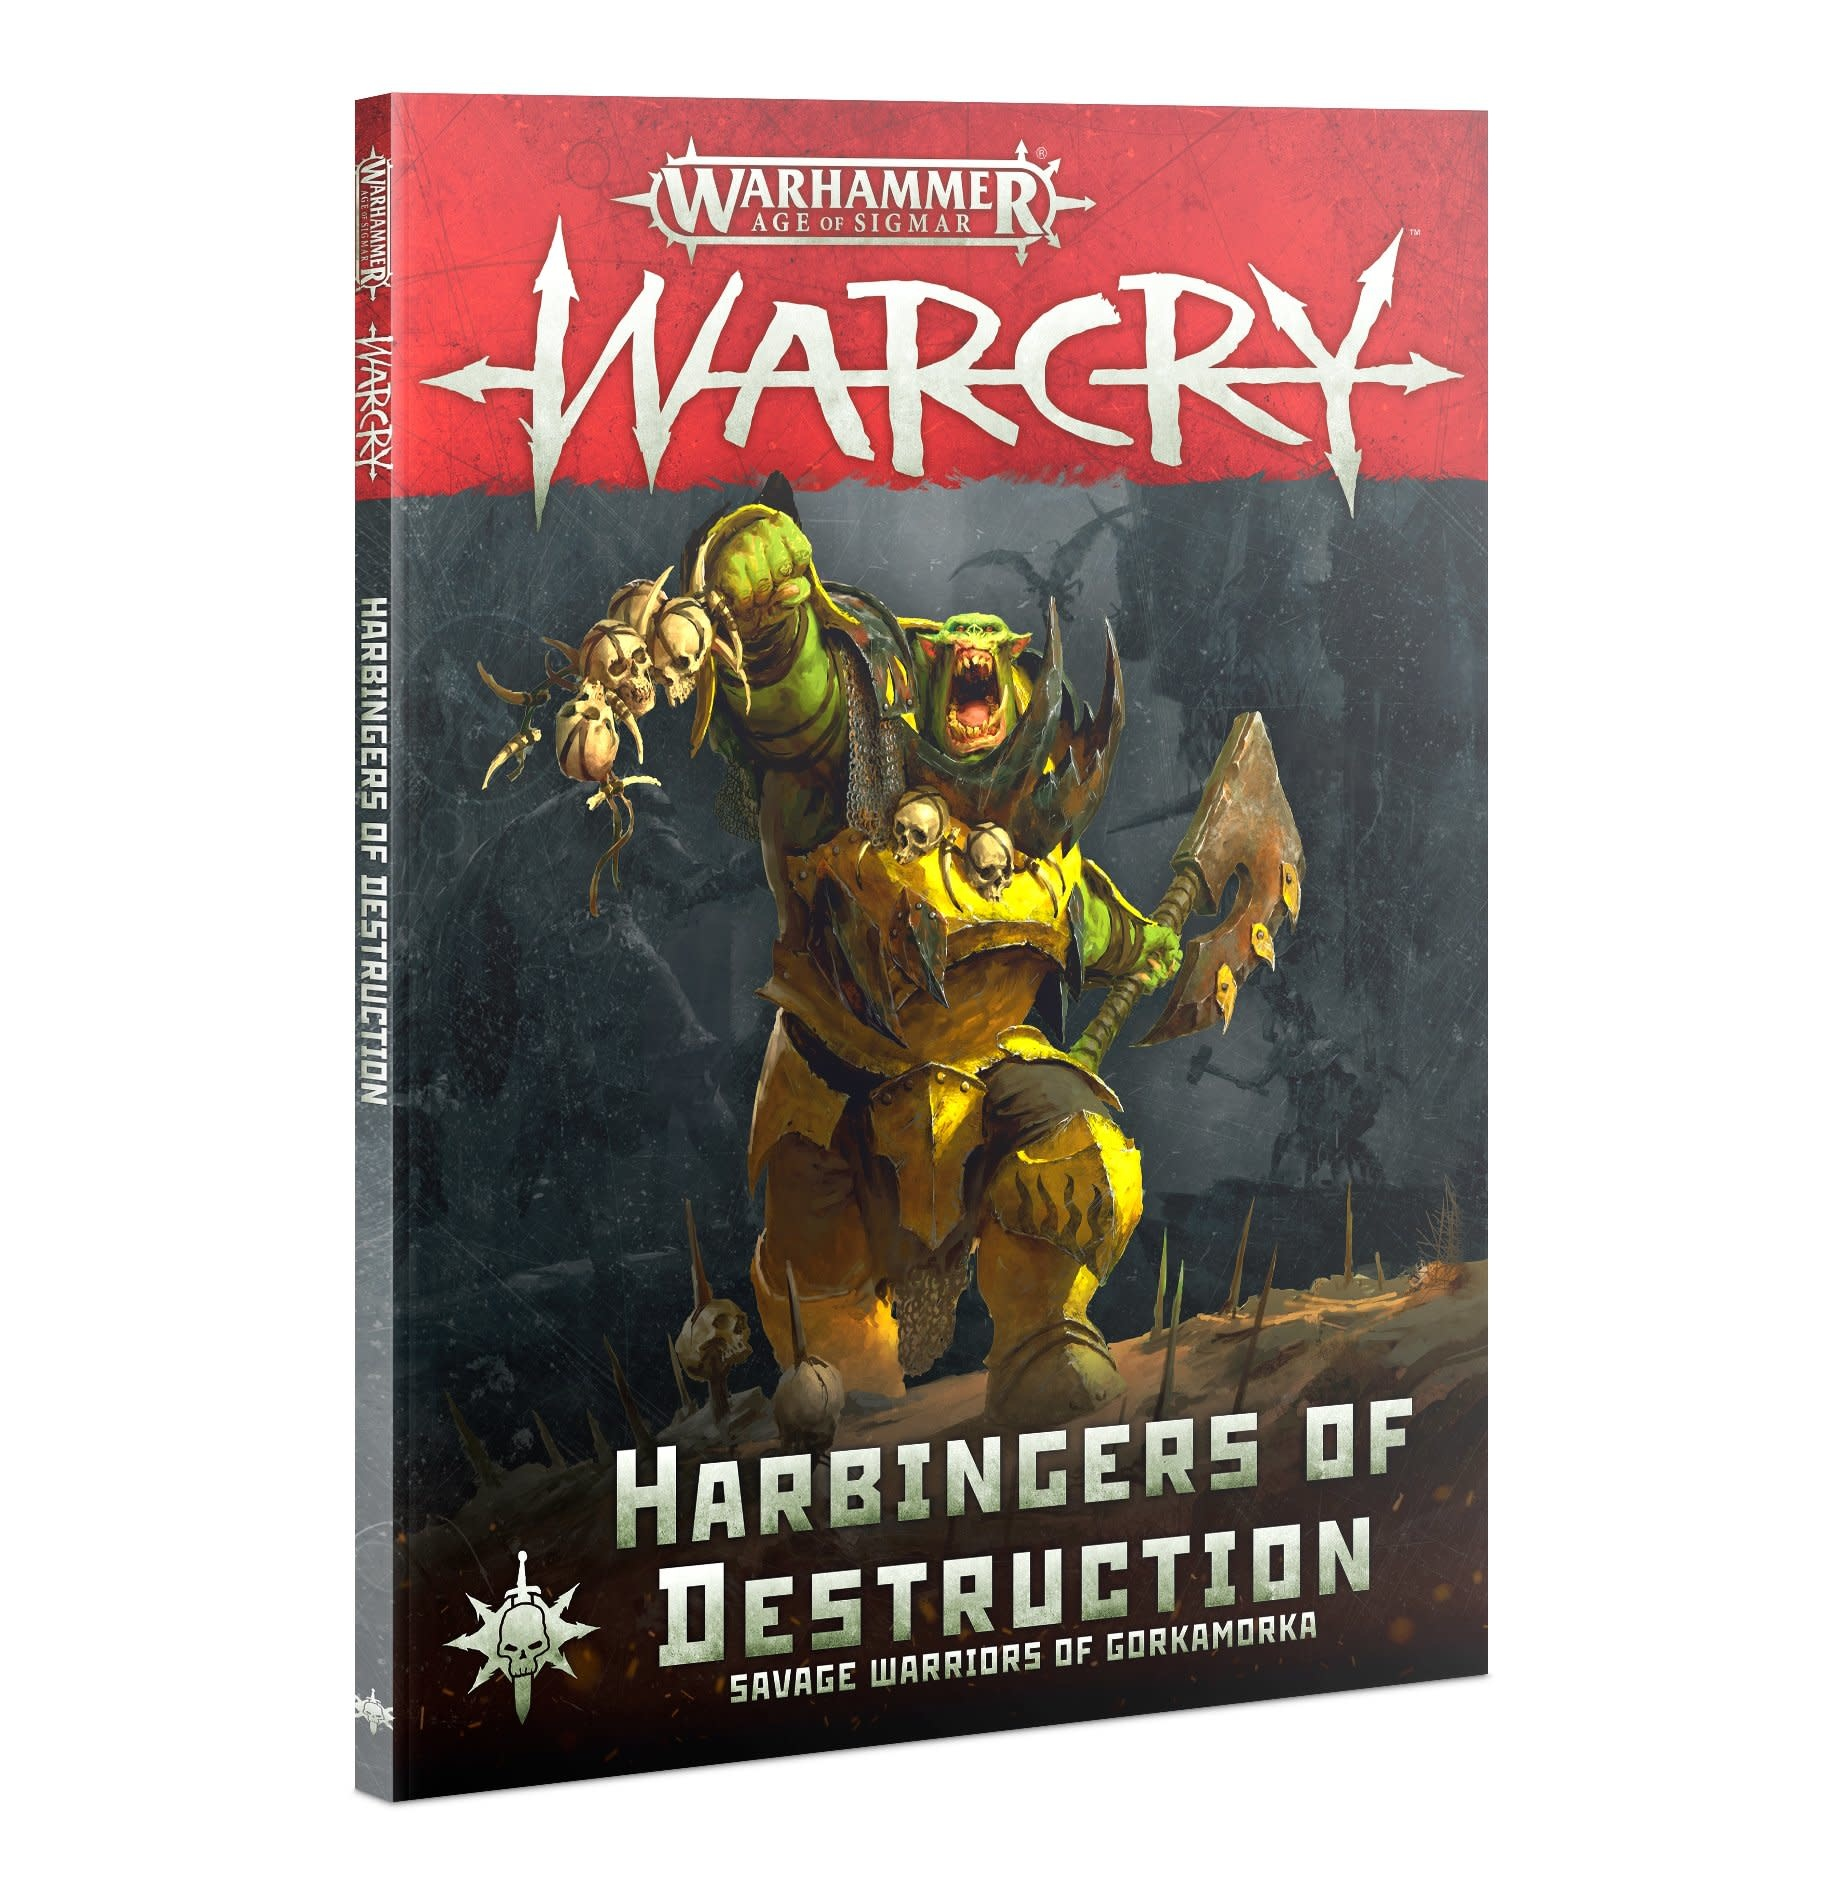 Games-Workshop Warcry: Harbingers of Destruction